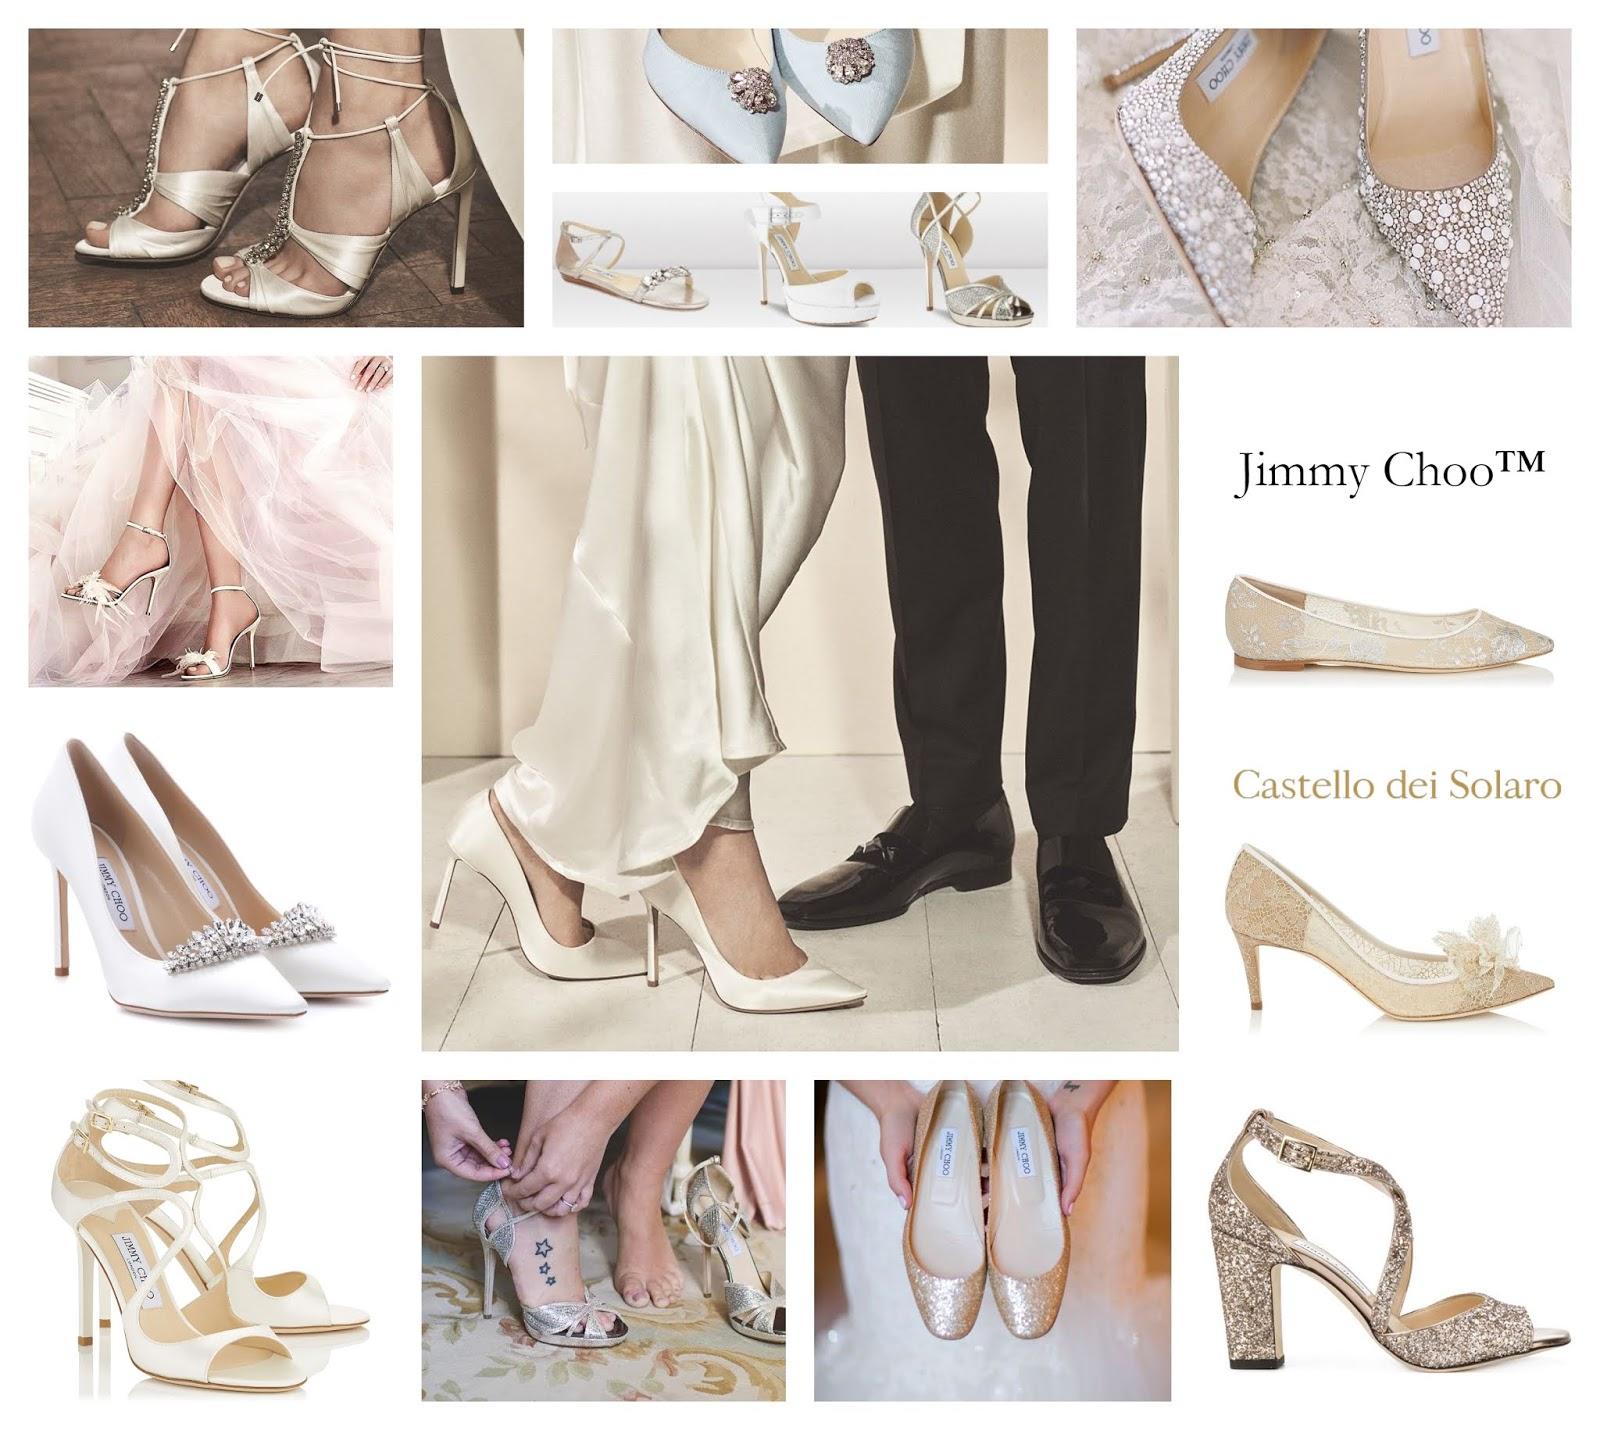 Collezione bridal - Diritti riservati Jimmy Choo™